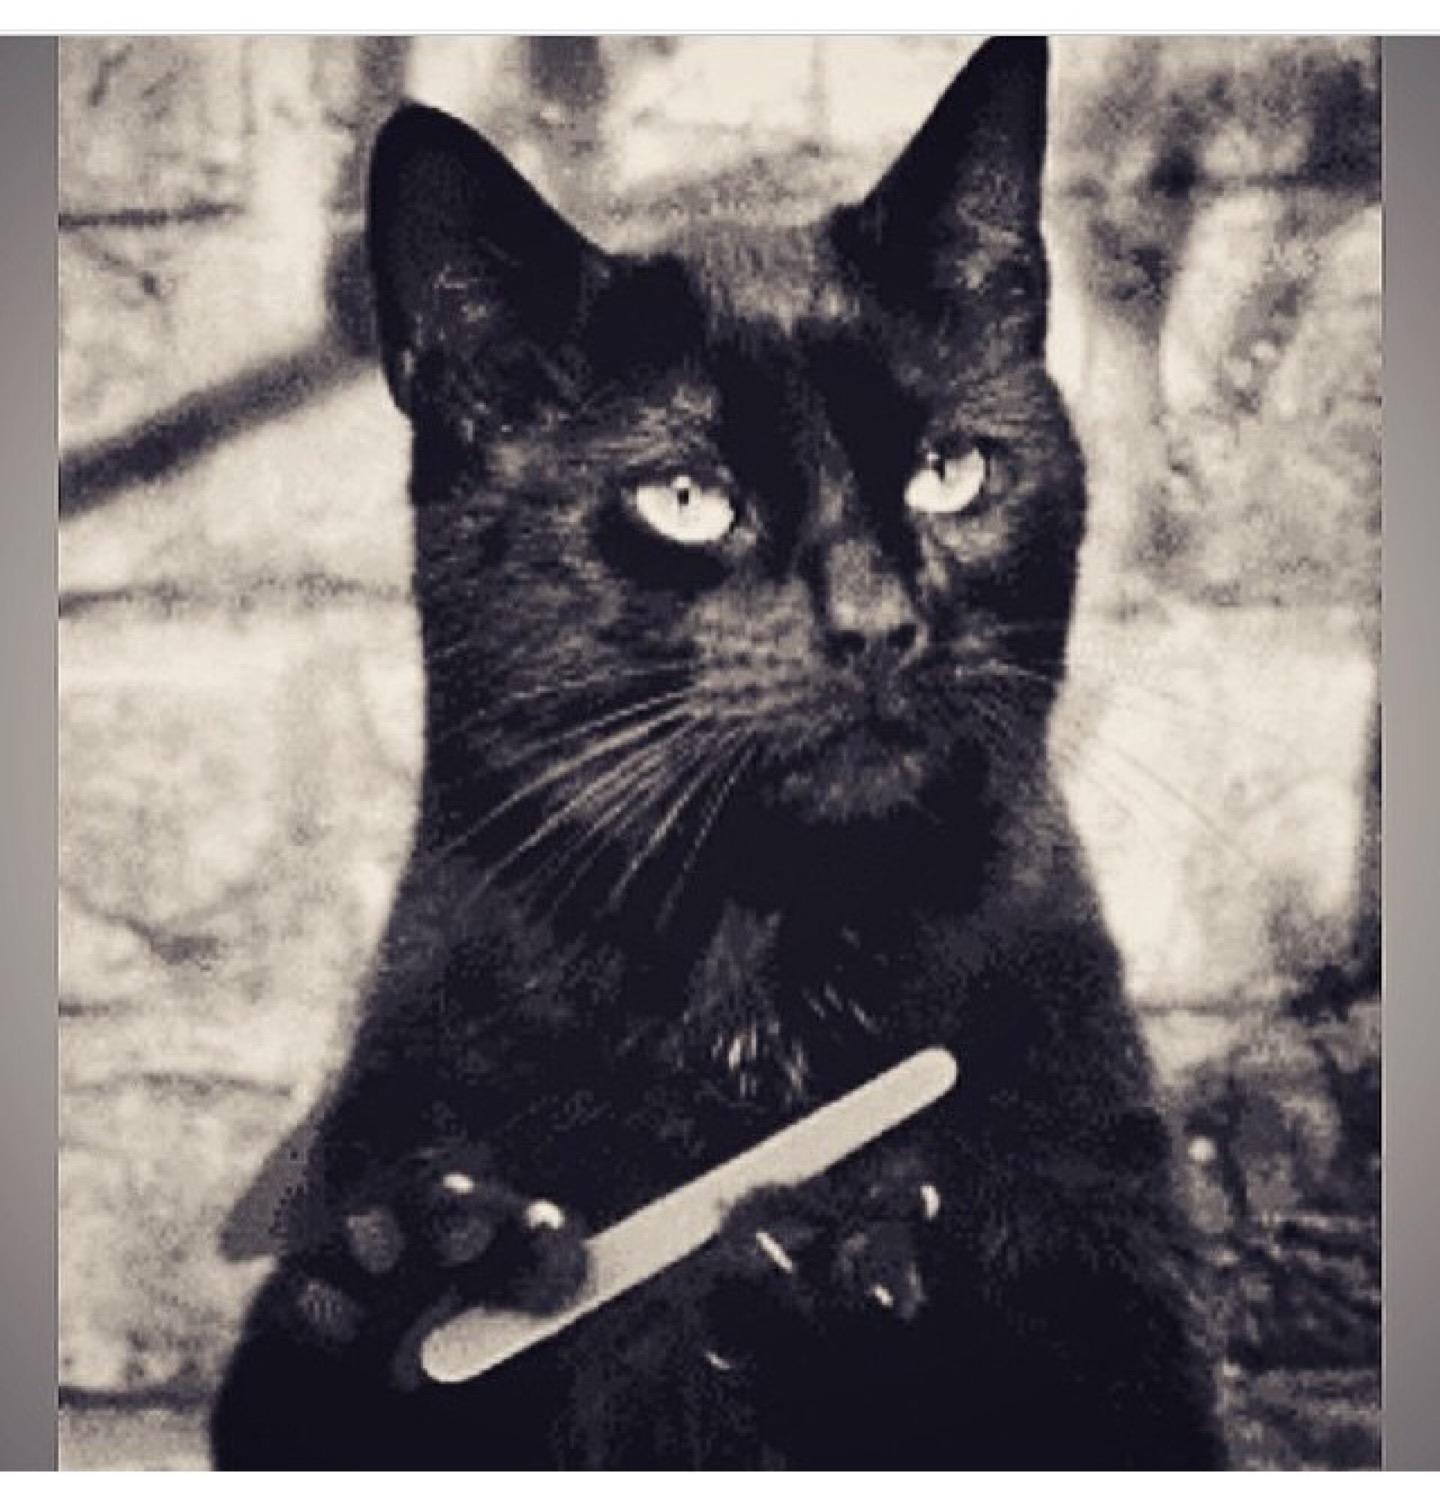 гифка черная кошка пилит ногти как это